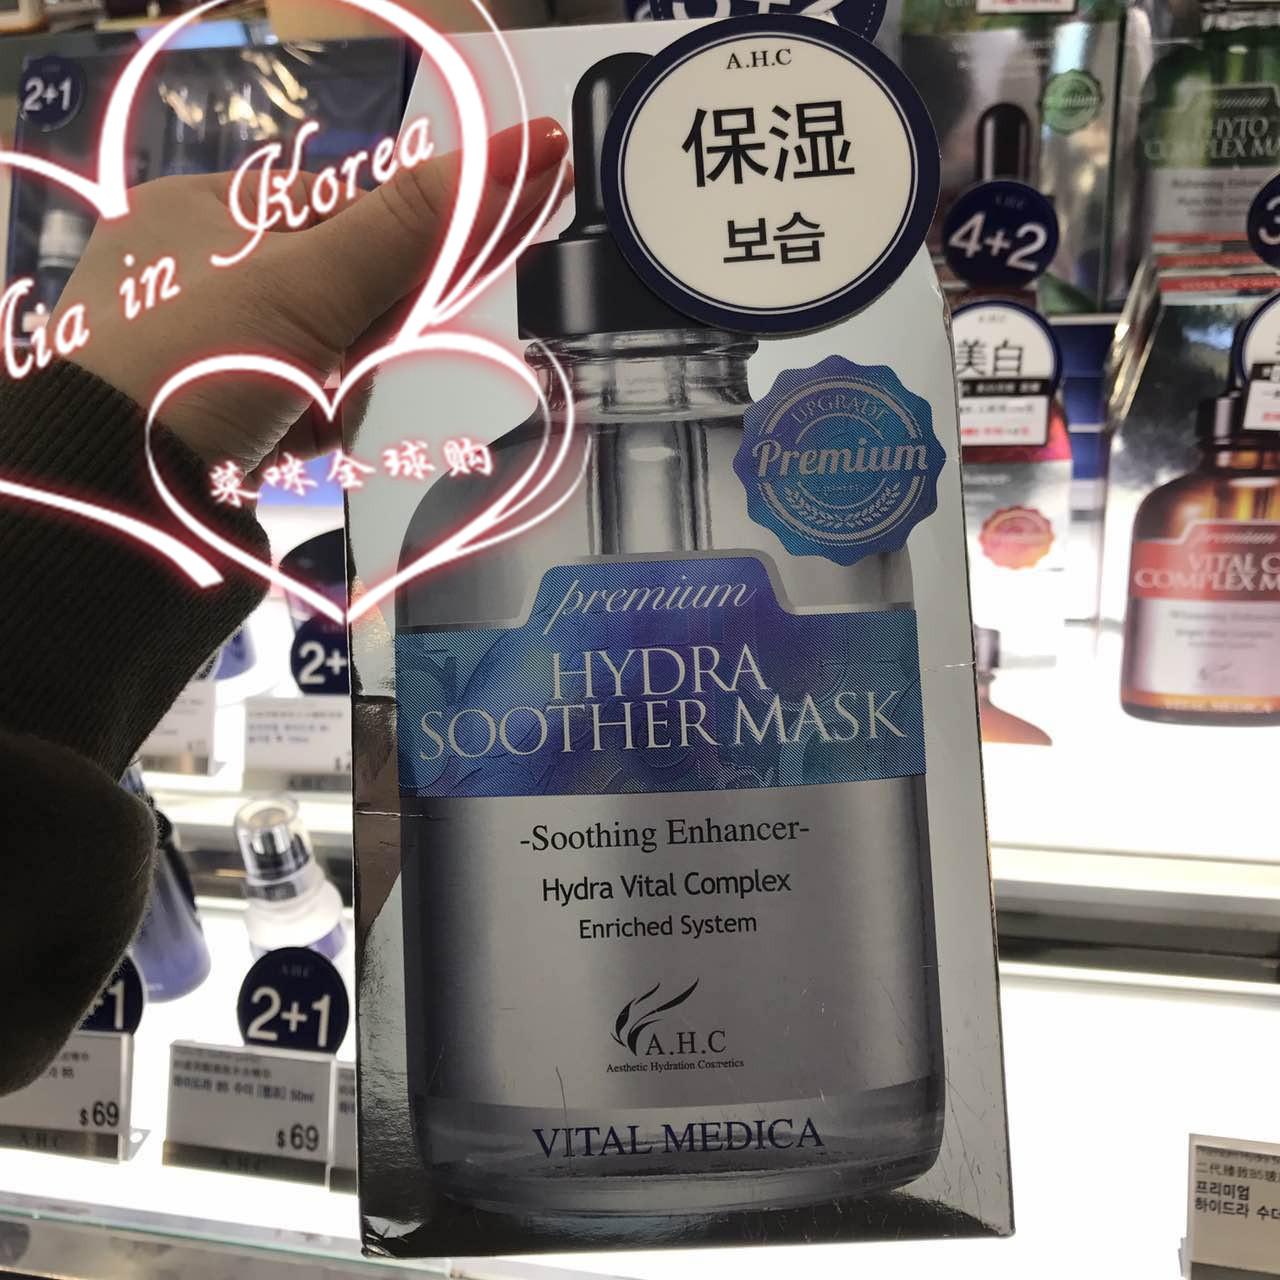 Cha de Terceira geração EM Alta concentração de ácido hialurônico hidratante B5 Celulose máscara de água.